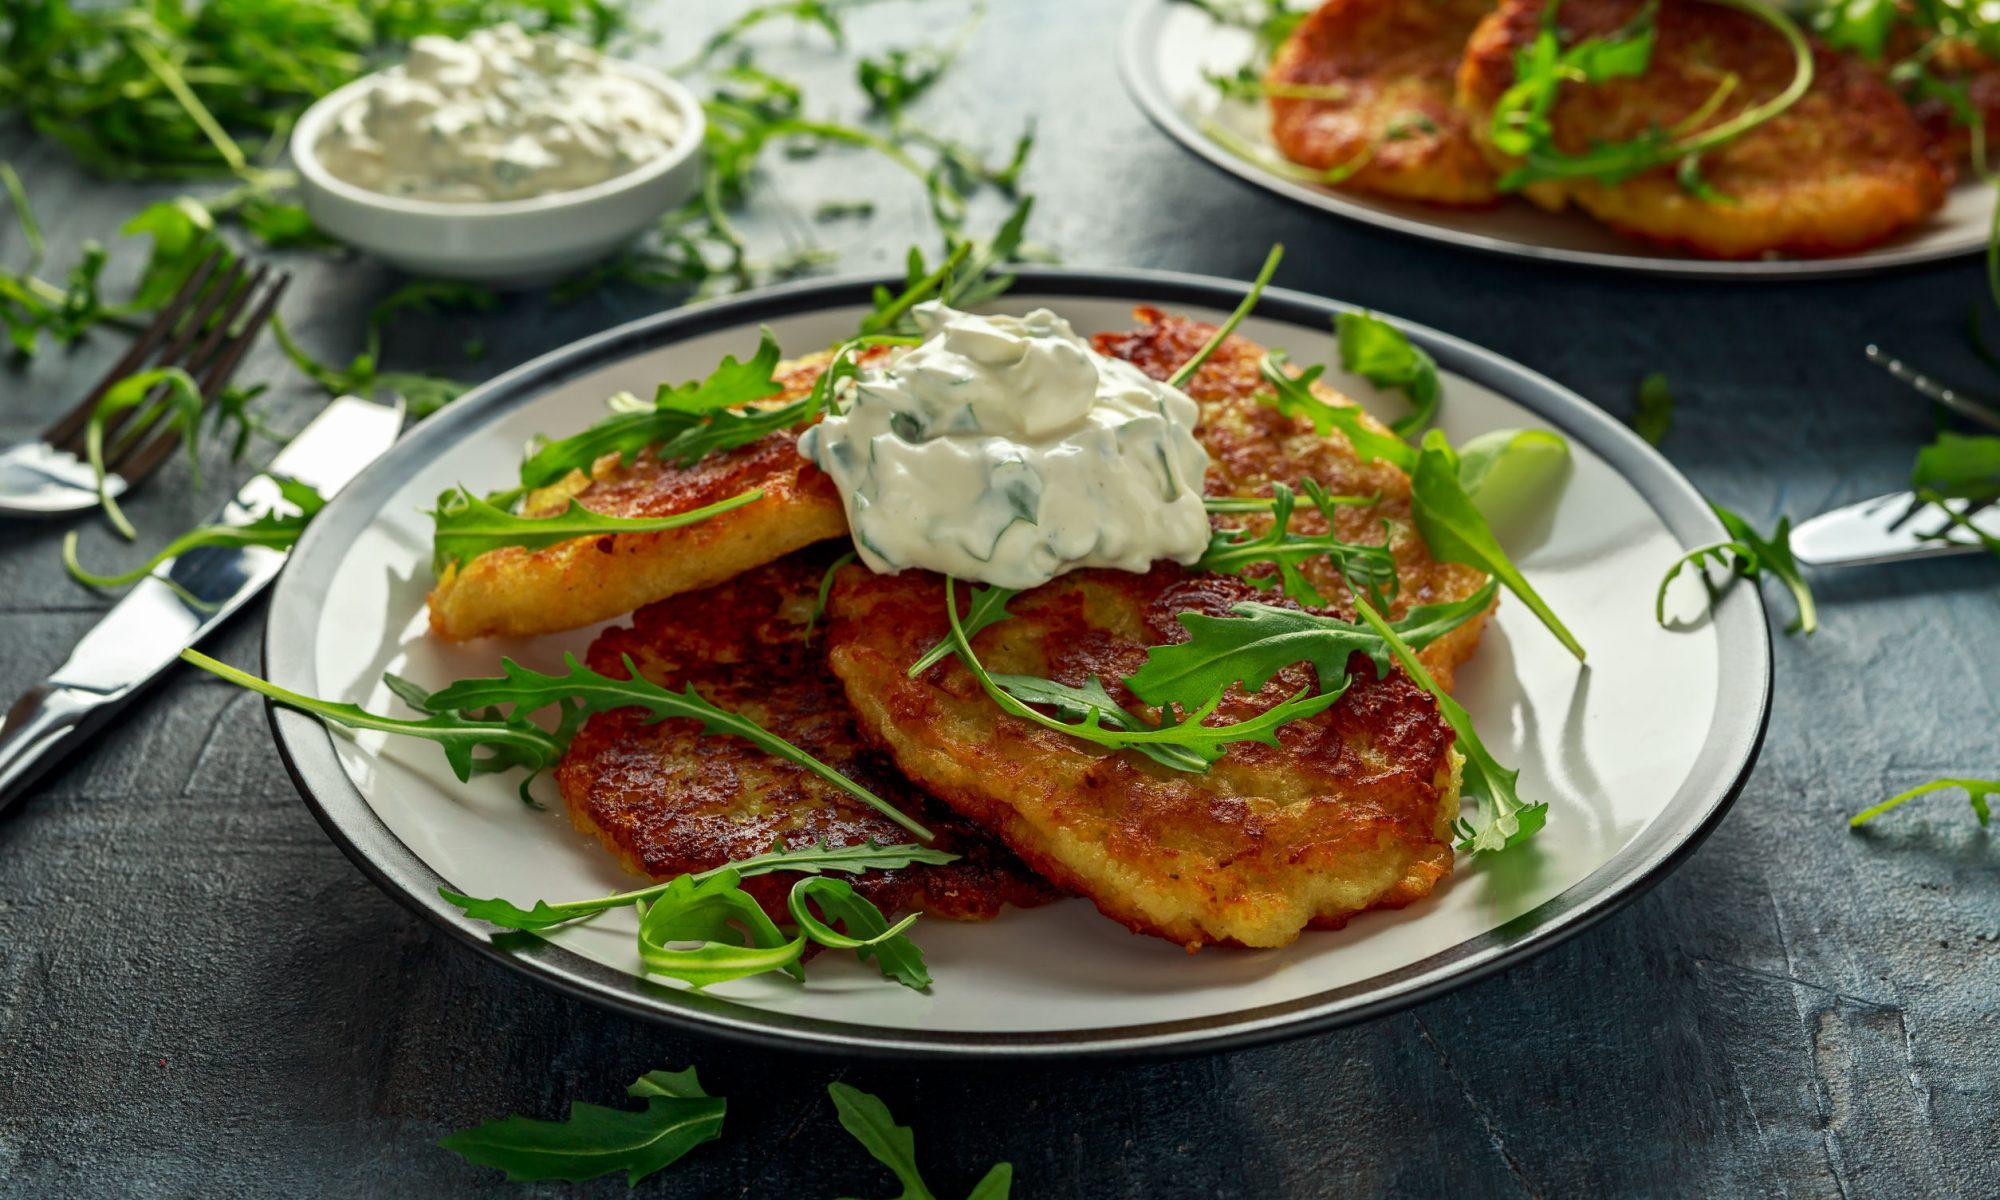 Очень простыми и невероятно вкусными получаются домашние драники из картофеля. Рецепт этого картофельного угощения берет начало с белорусской кухни.